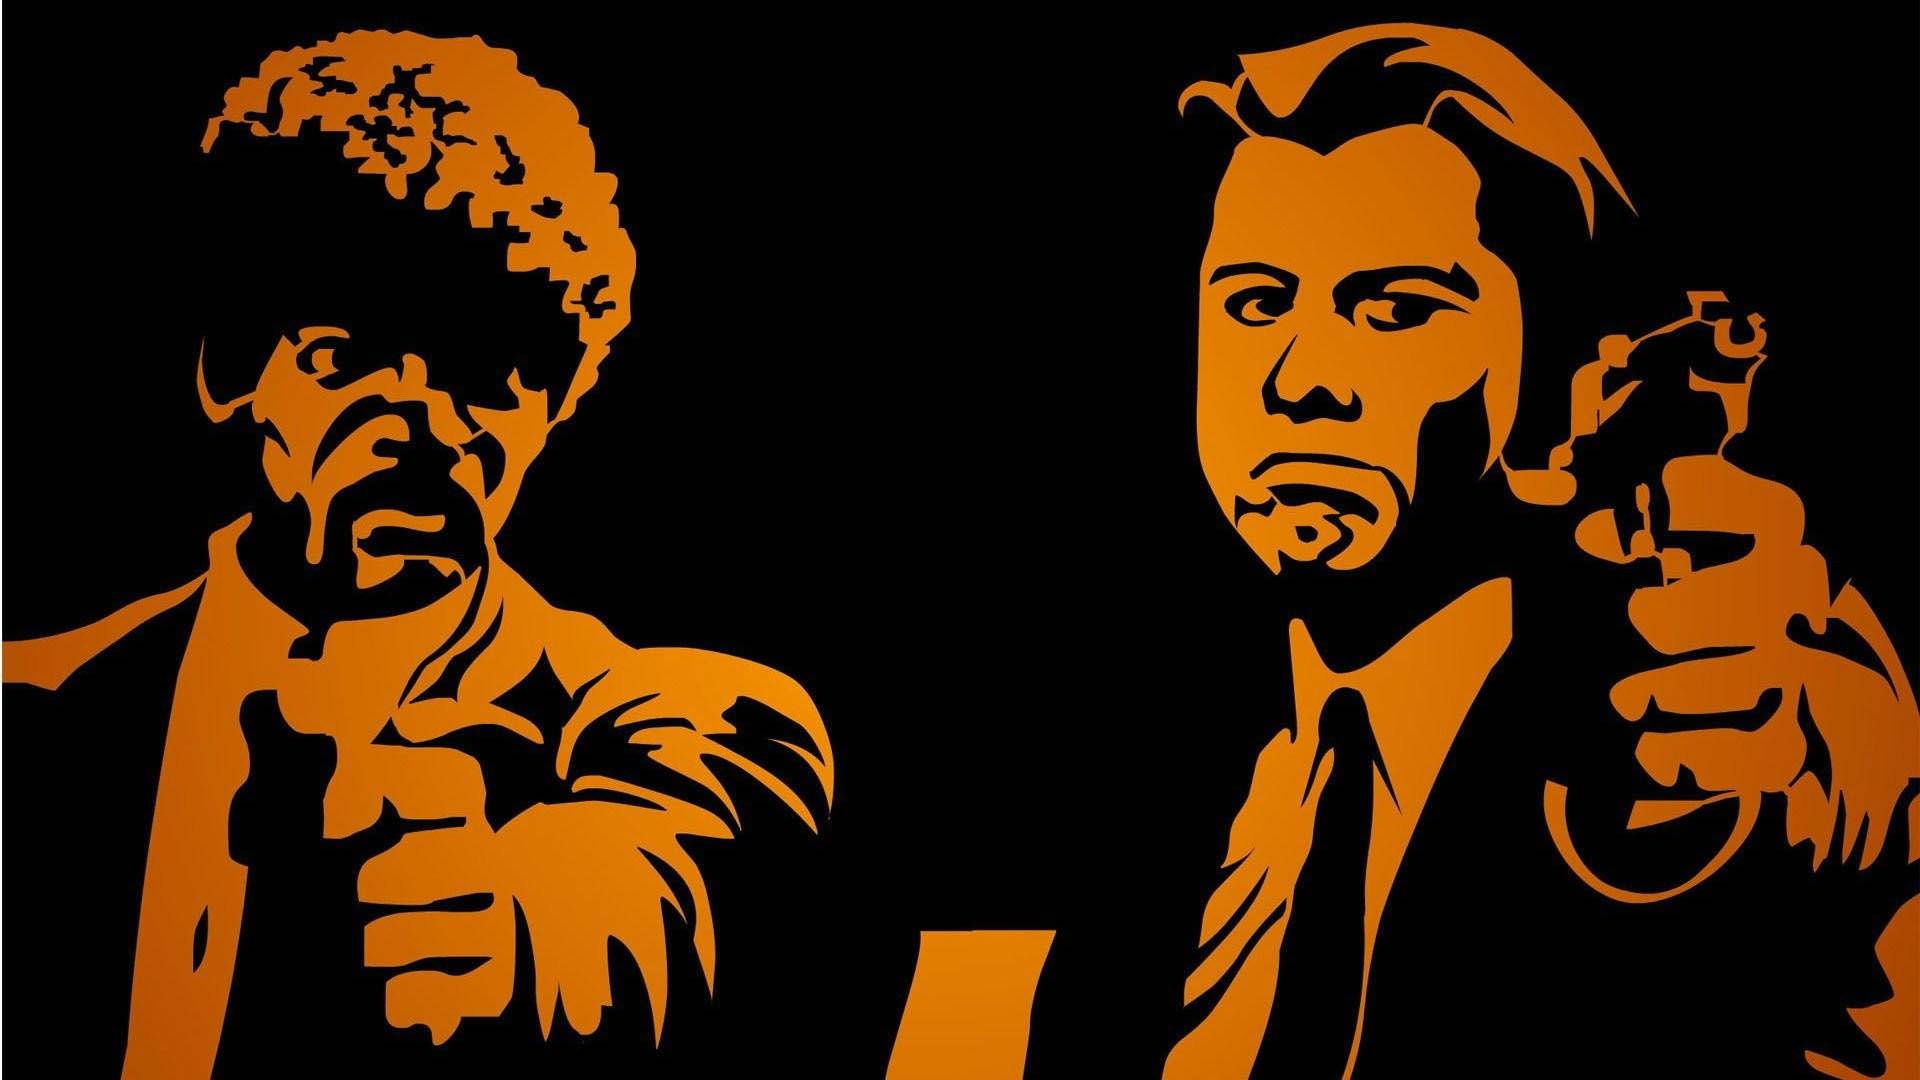 Pulp Fiction Quotes Wallpaper images free download 1920×1080 Pulp Fiction  Wallpapers (26 Wallpapers) | Adorable Wallpapers | Desktop | Pinterest |  Pulp …